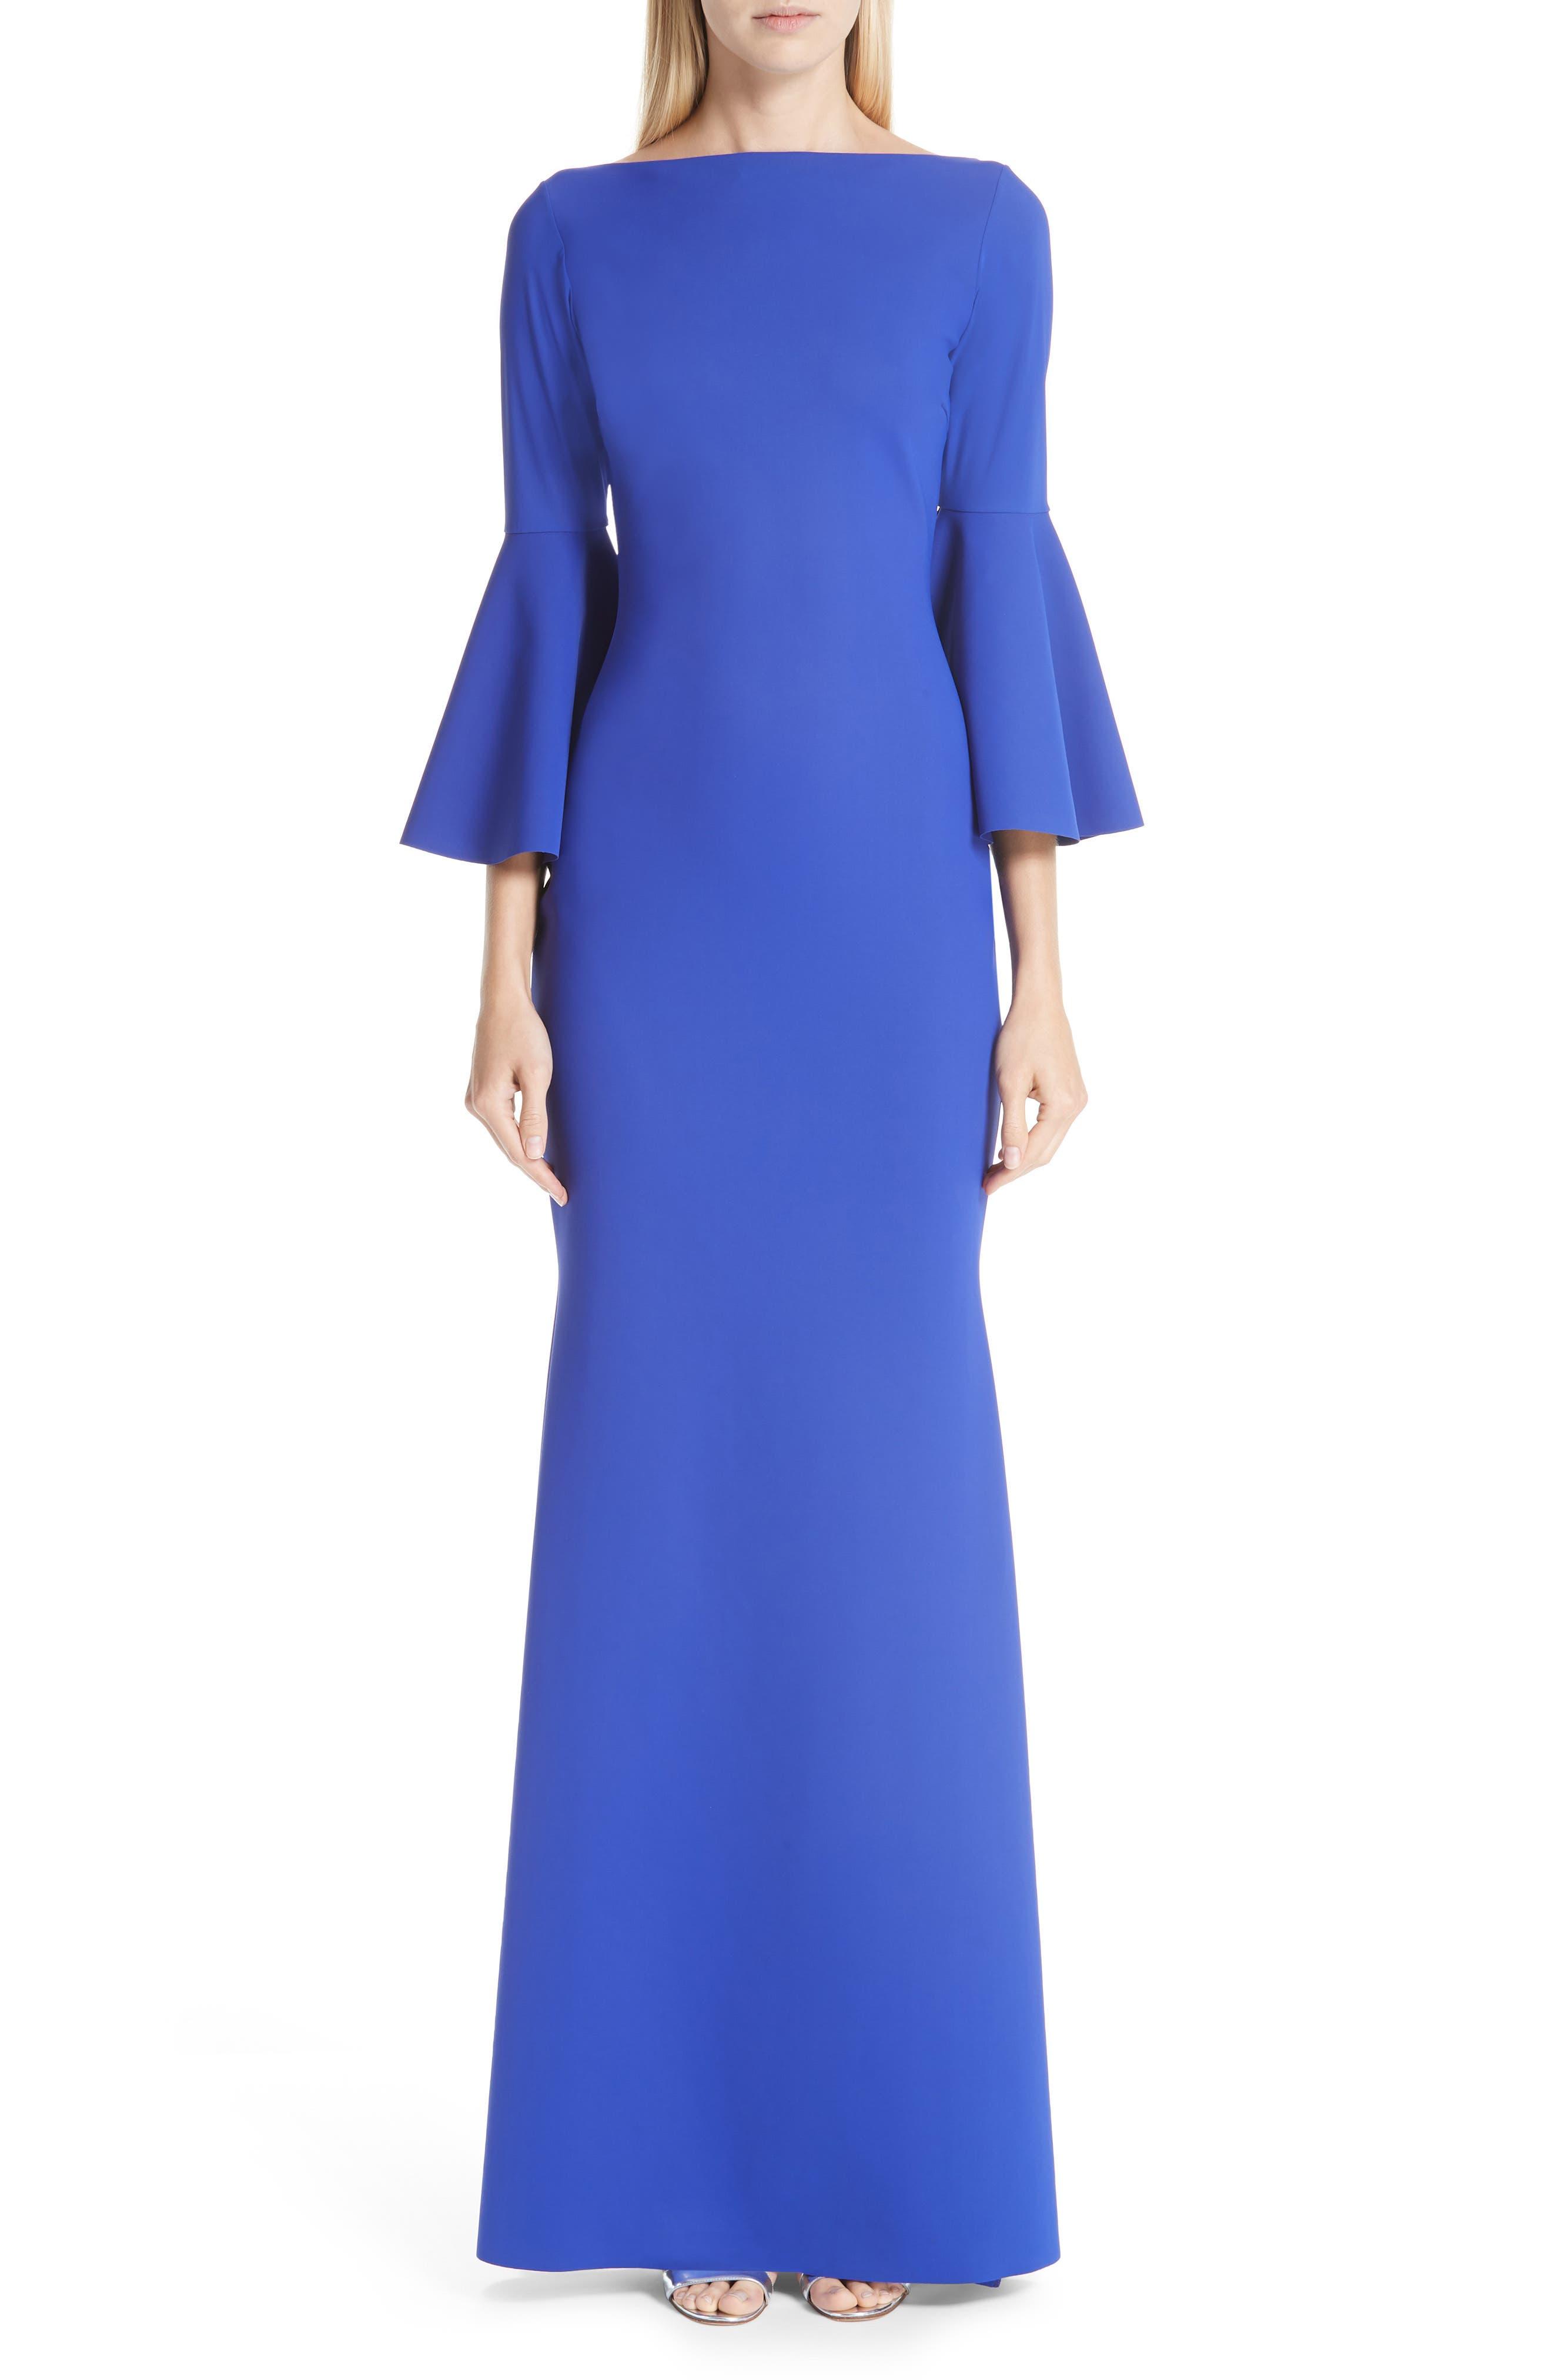 CHIARA BONI LA PETITE ROBE, Iva Bell Sleeve Evening Dress, Main thumbnail 1, color, INCHIOSTRO